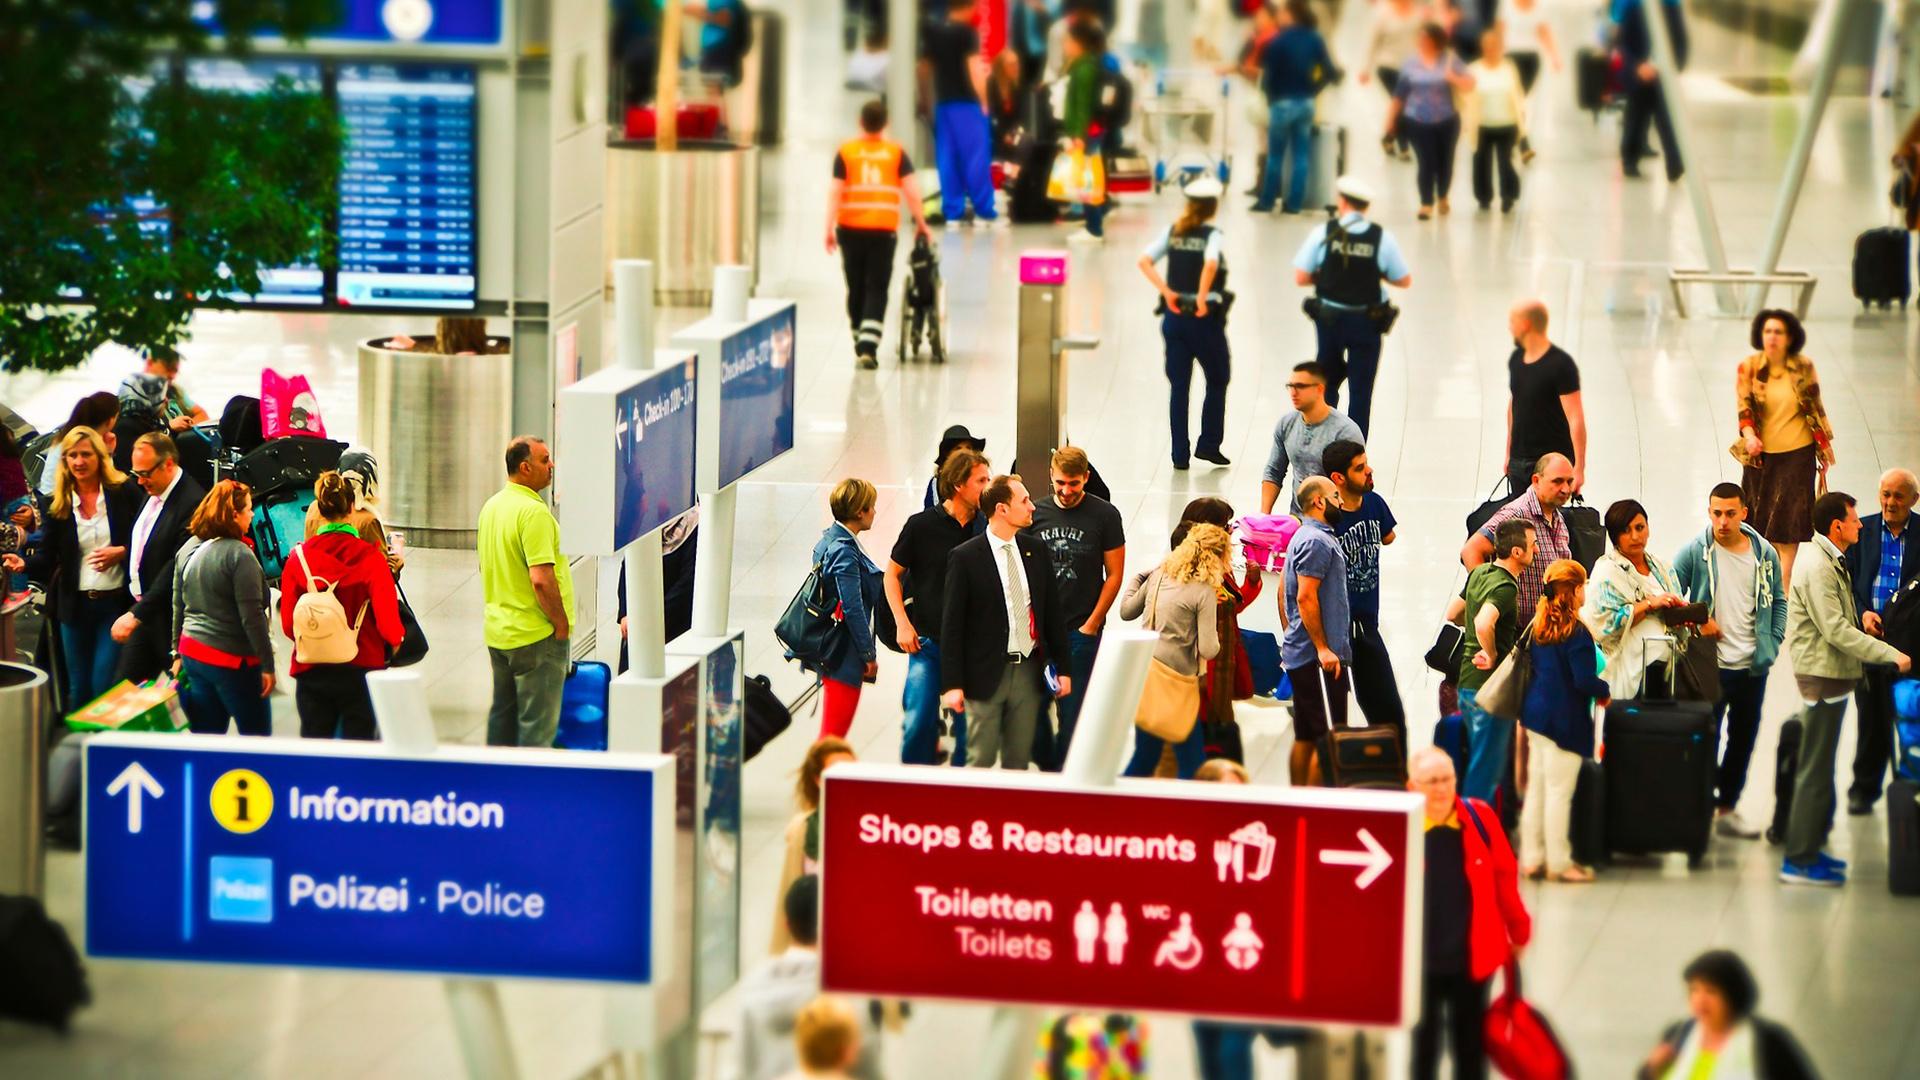 Mesmo que você não note um código especial no seu cartão de embarque, antes de entrar no avião a segurança irá te identificar e você não terá como embarcar sem antes cumprir o protocolo.